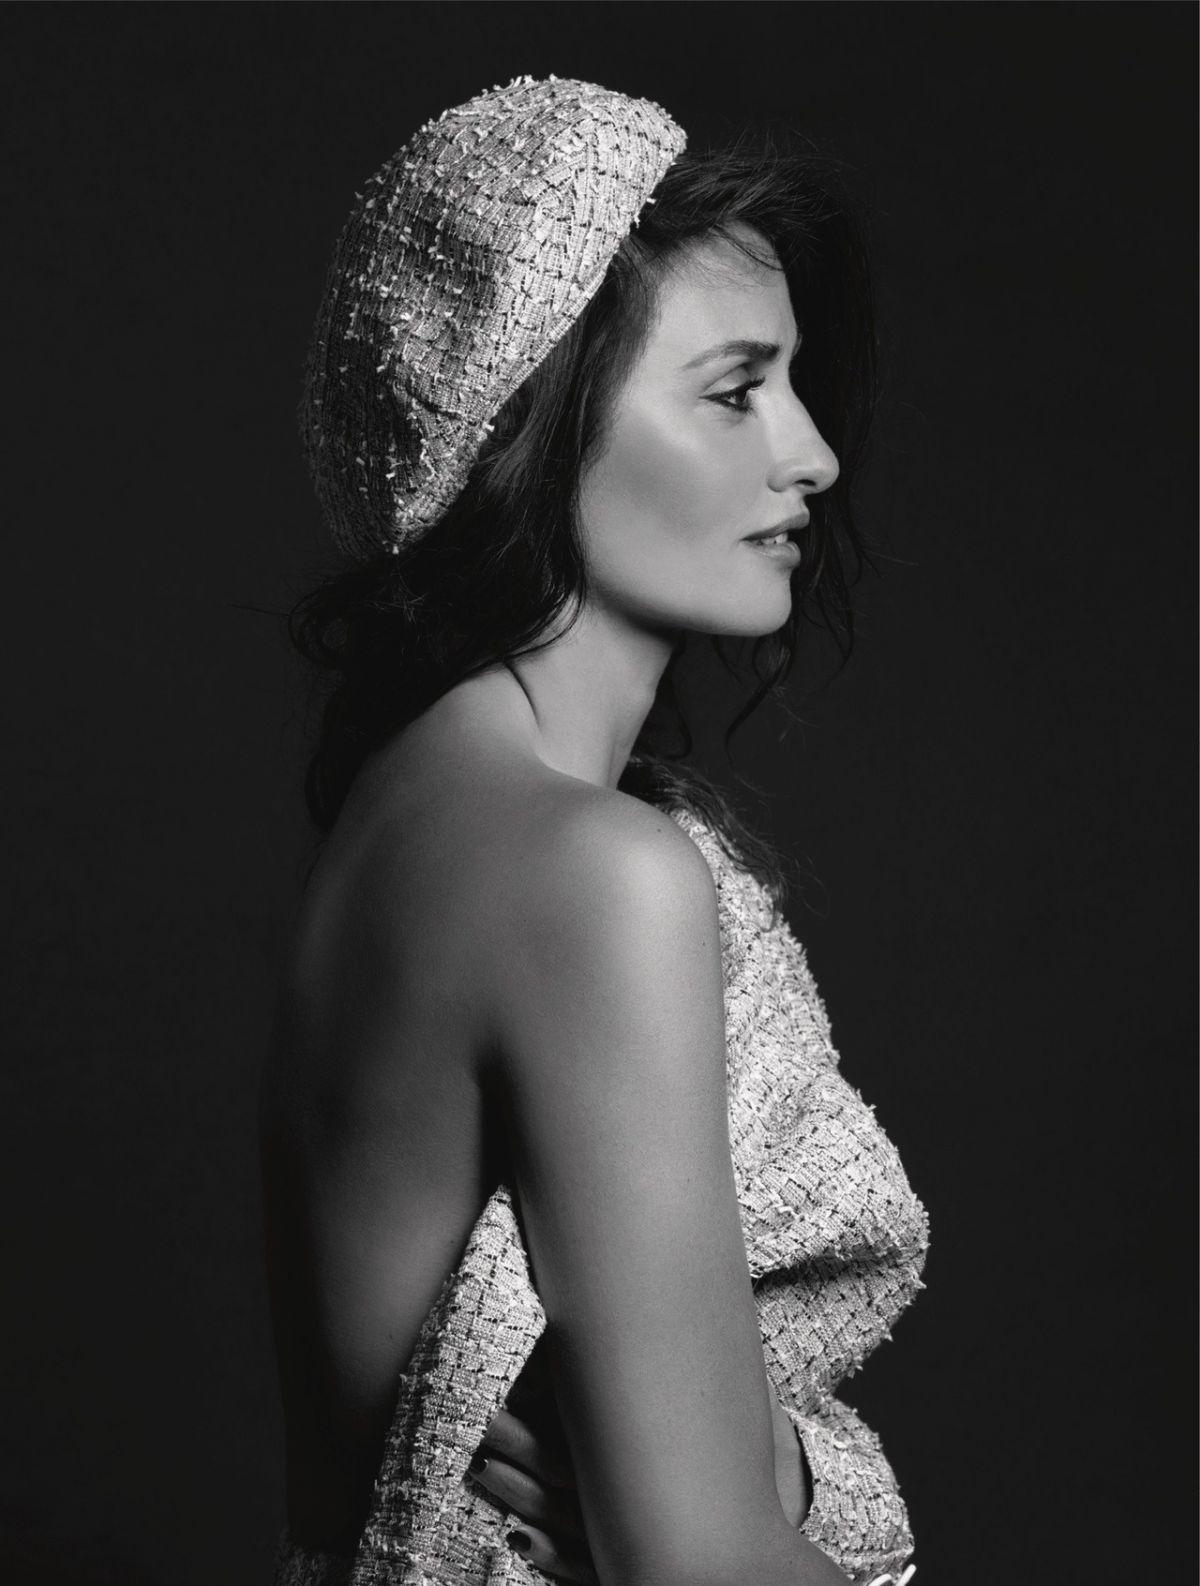 Chanel Cruise 2019 Penelope Cruz Fashionela